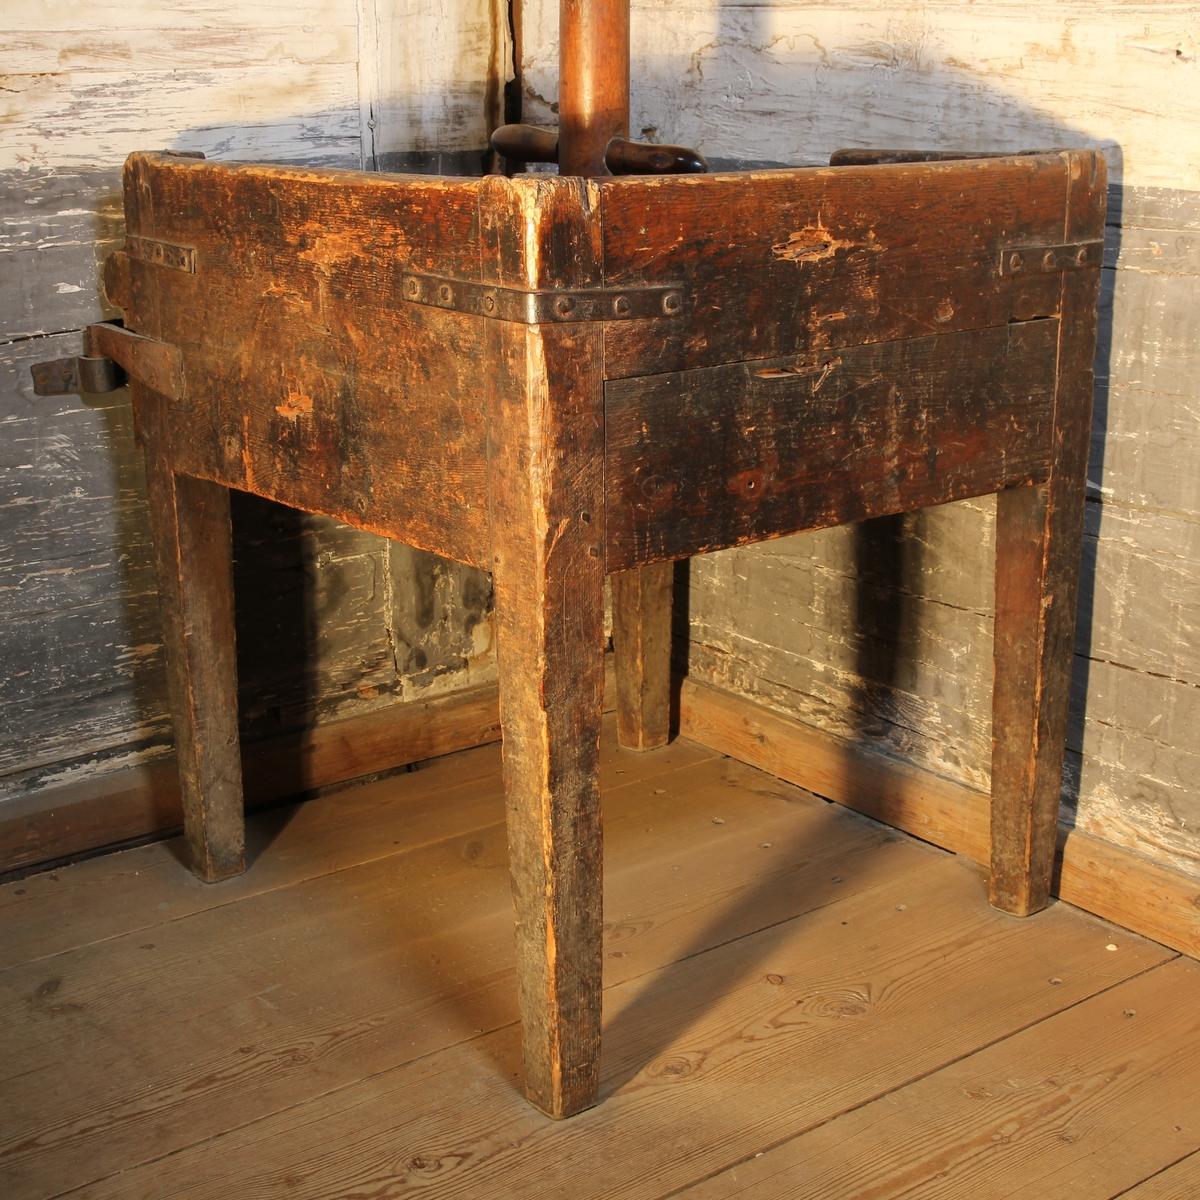 Kvadratisk ställning av trä med fyra ben. I hörnen vinkelbeslag av järn. Rester av brun färg. I ställningens botten runt hål med två korsade järnband för försänkning av gryta (SKANM.0105226A). Ställningen fäst i väggen.